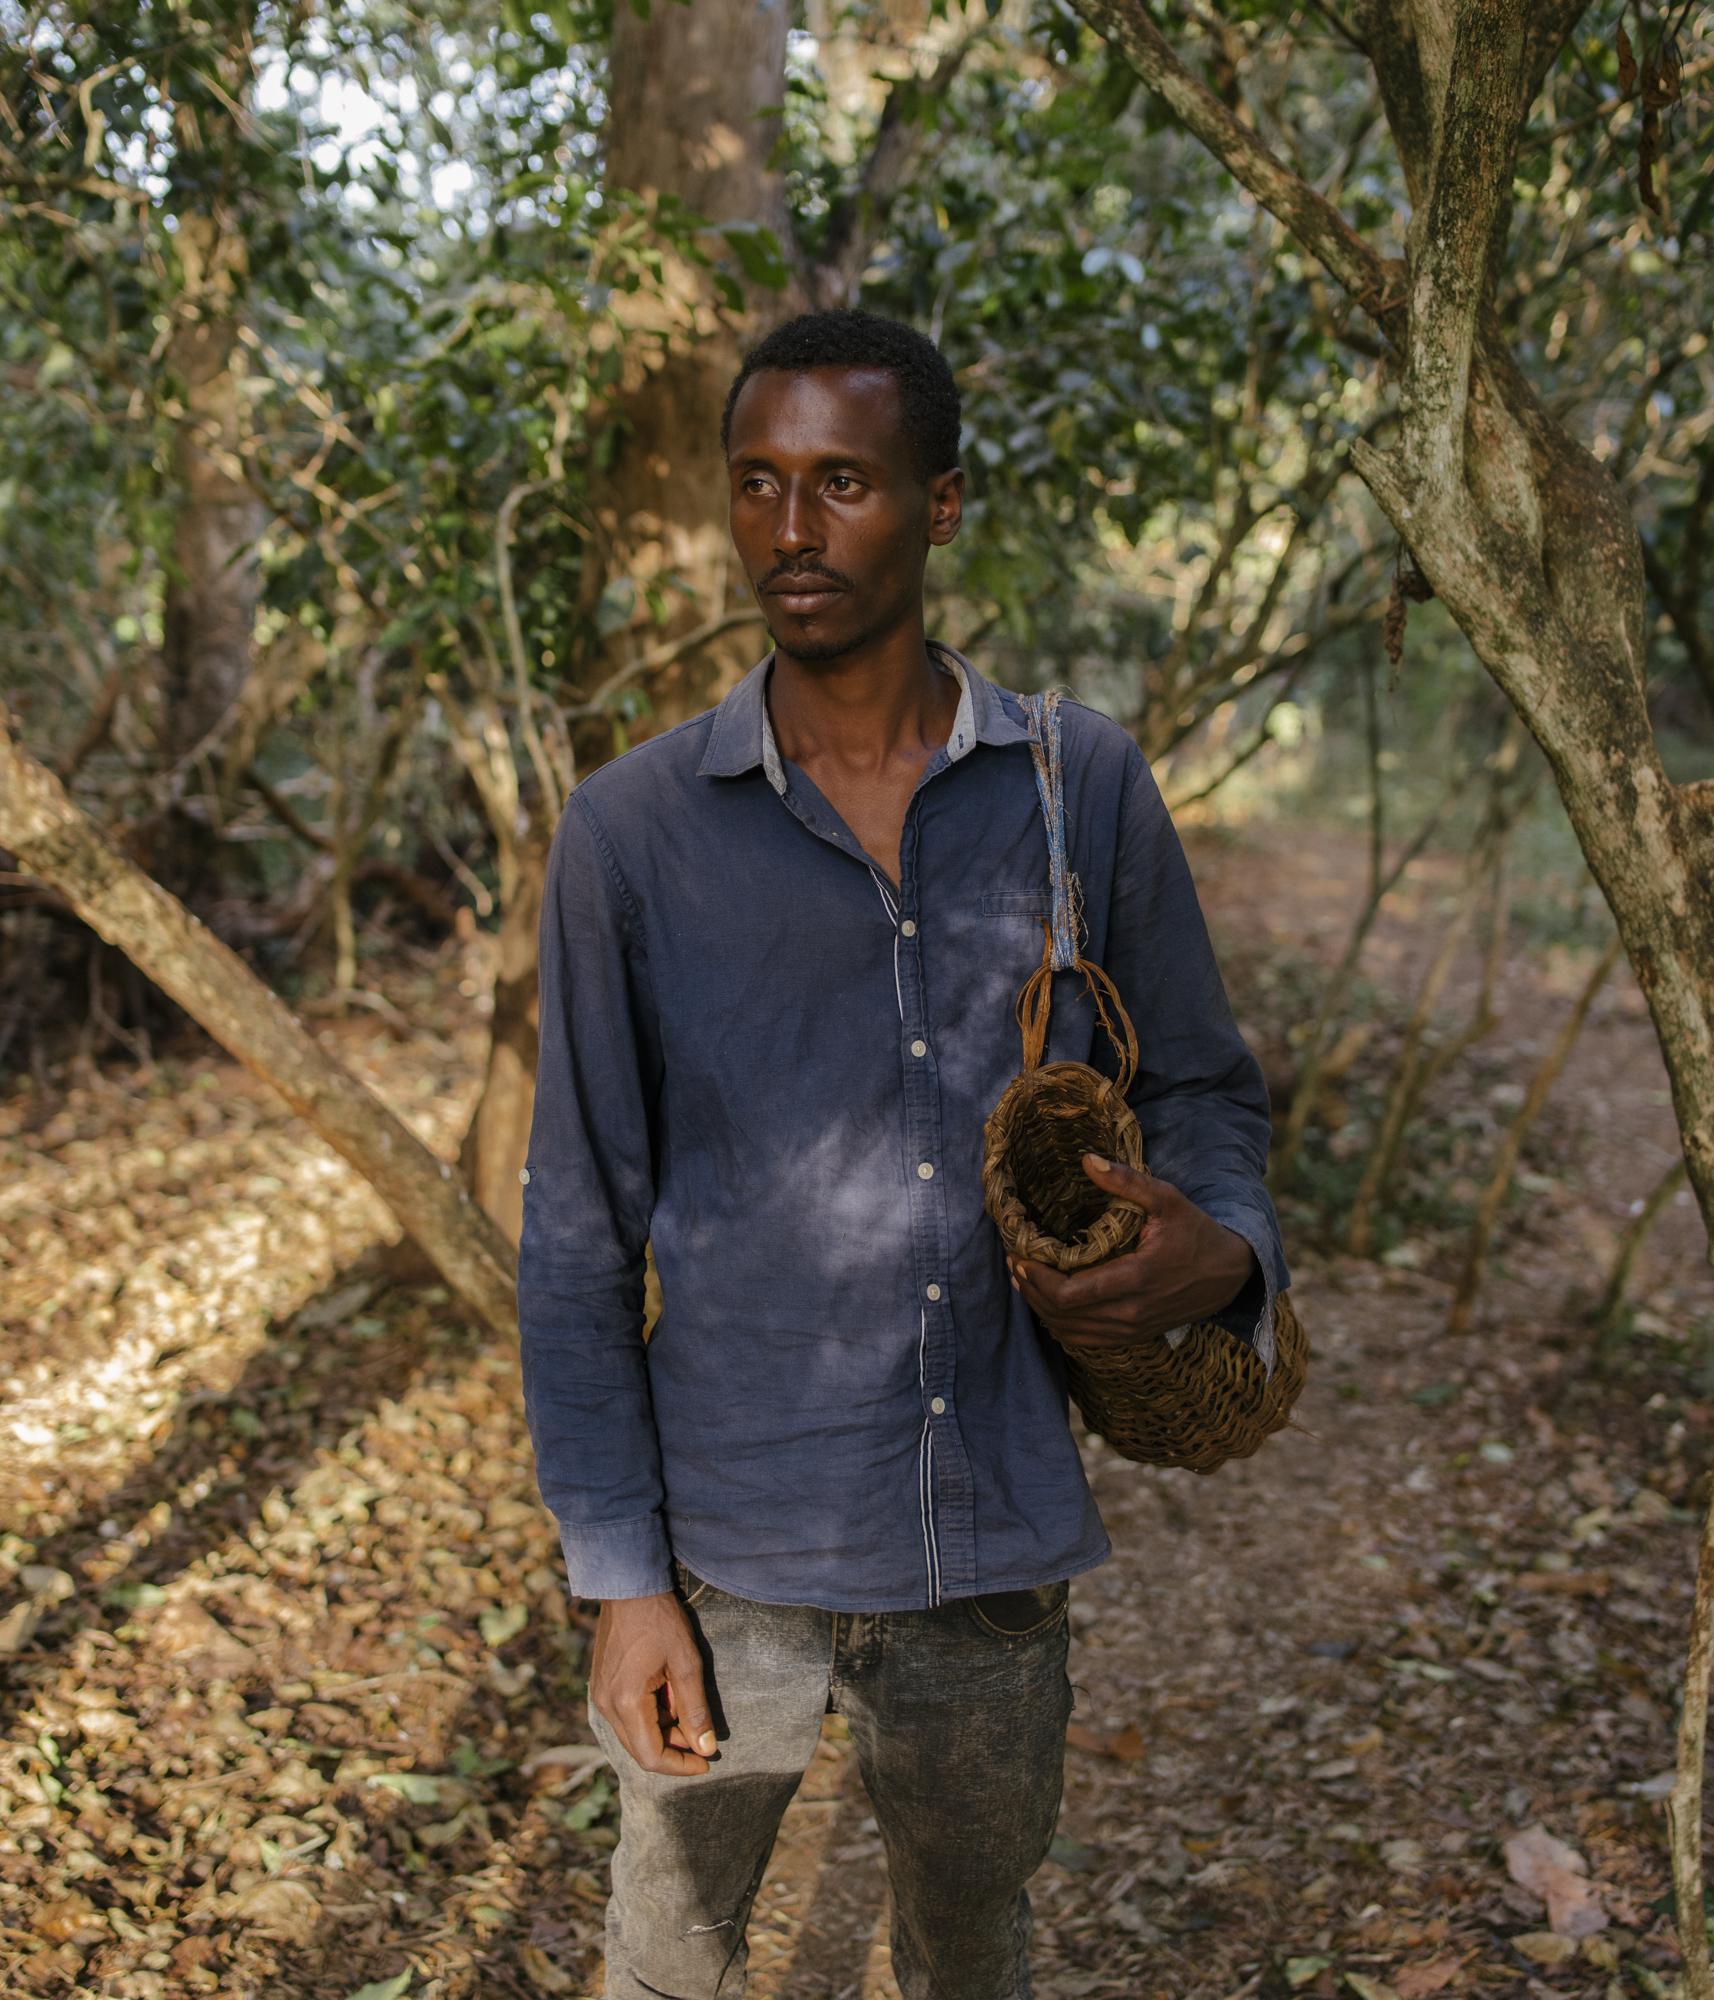 ethiopia-clem-1-6.jpg